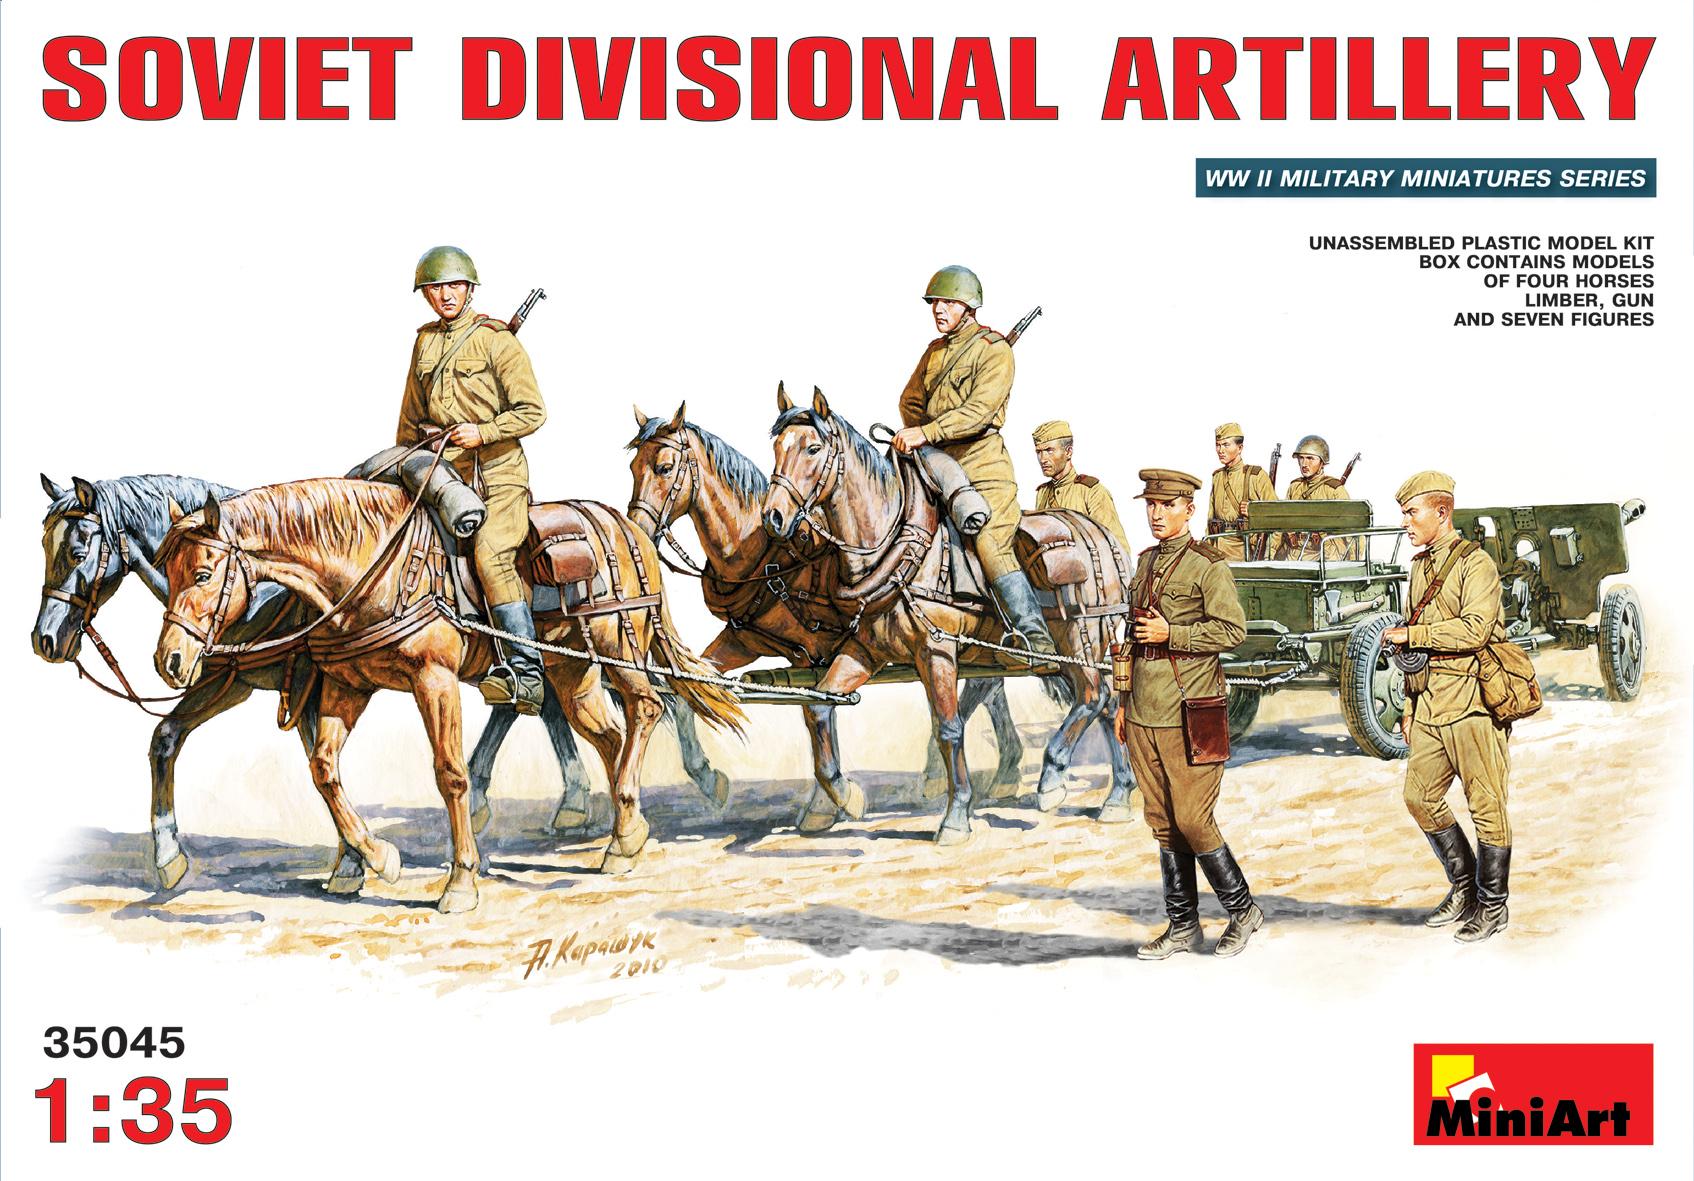 35045 SOVIET DIVISIONAL ARTILLERY